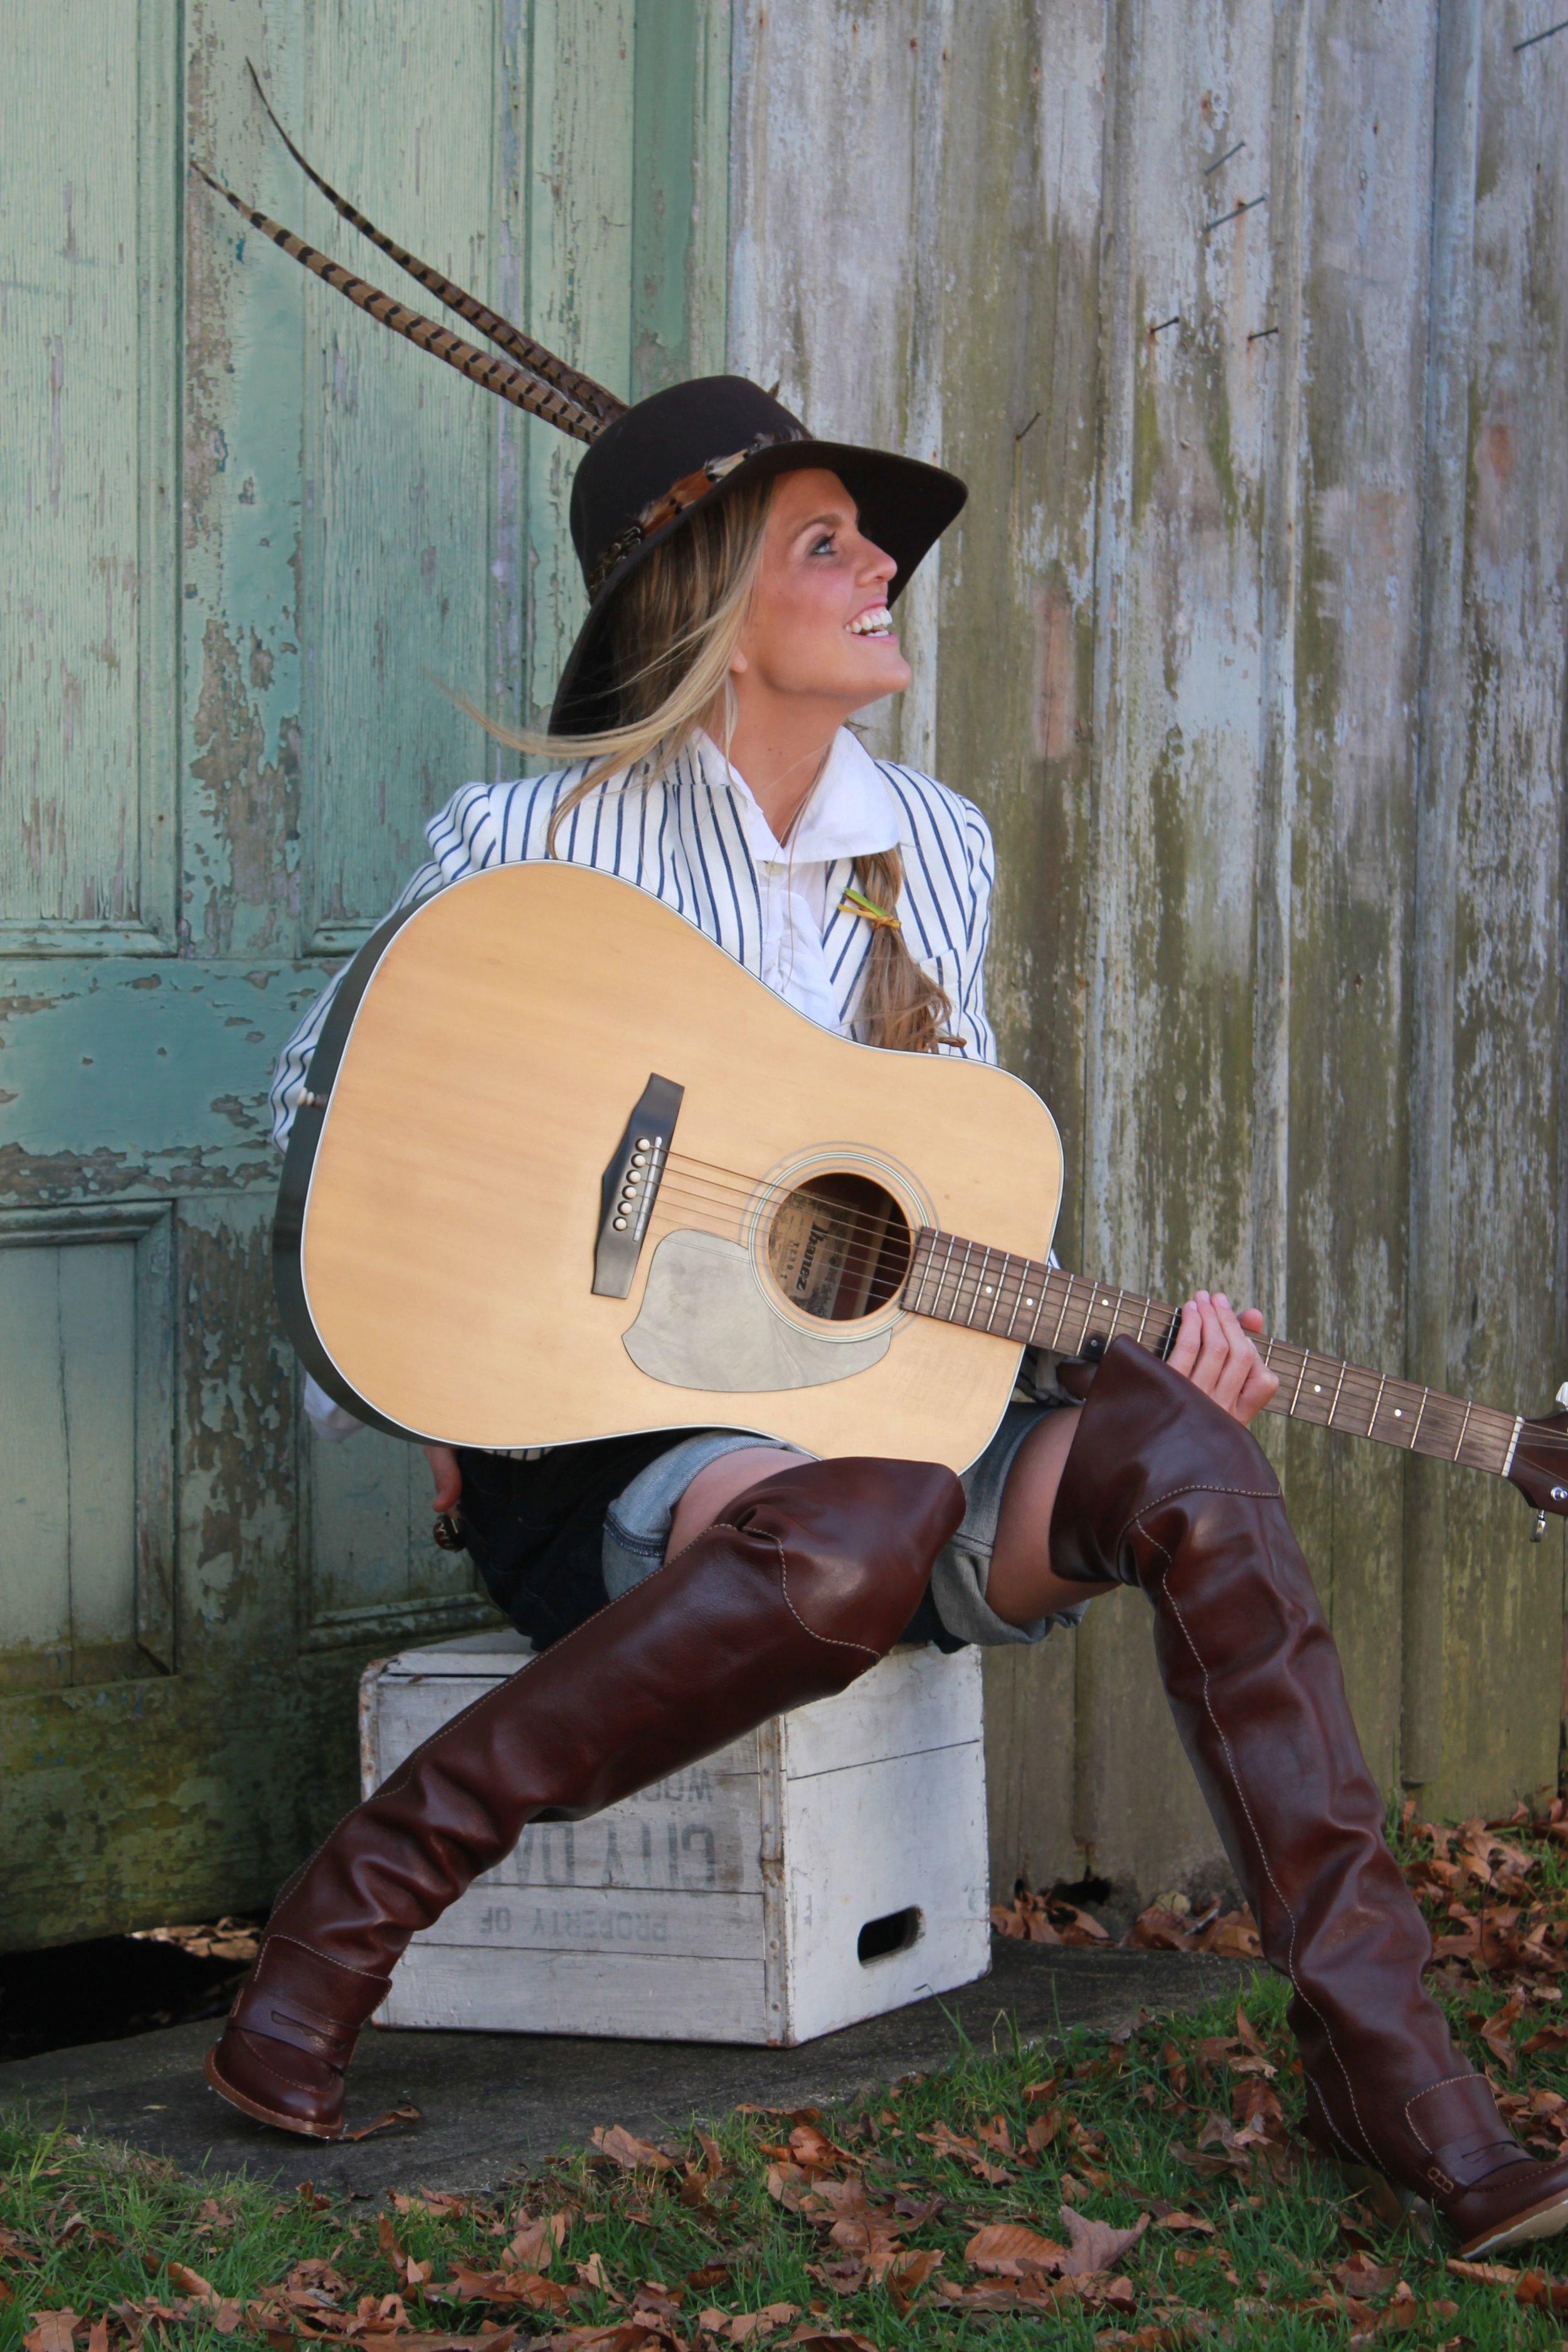 Model Kelly Donovan